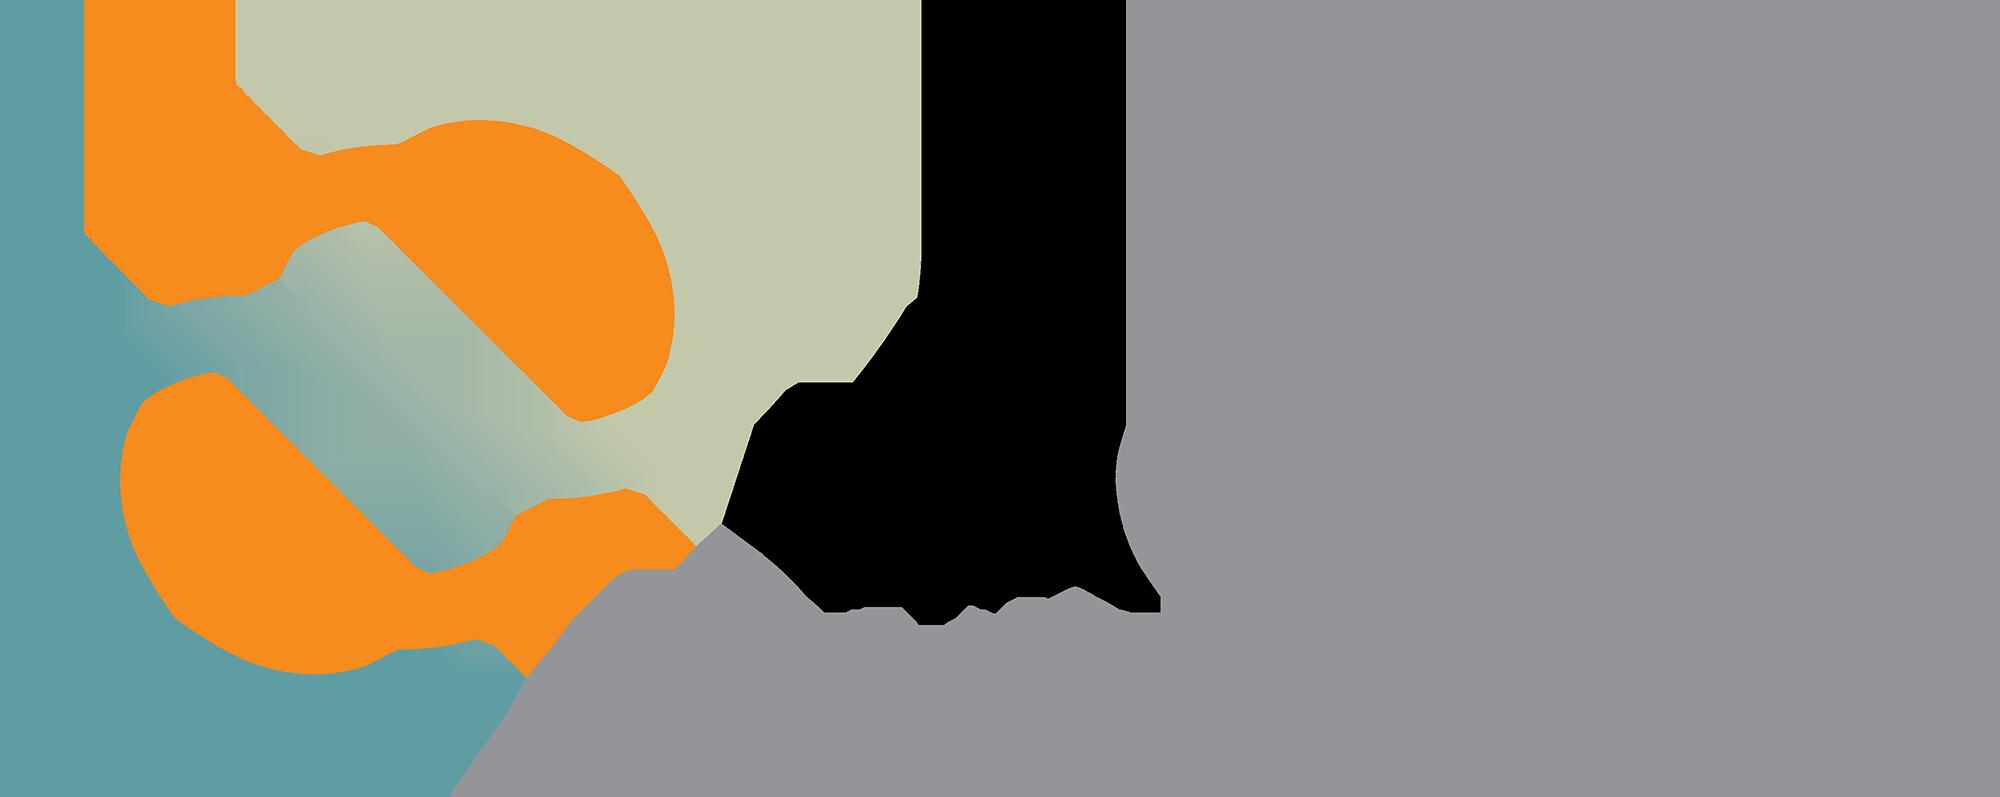 Logo for Via Global Advisors